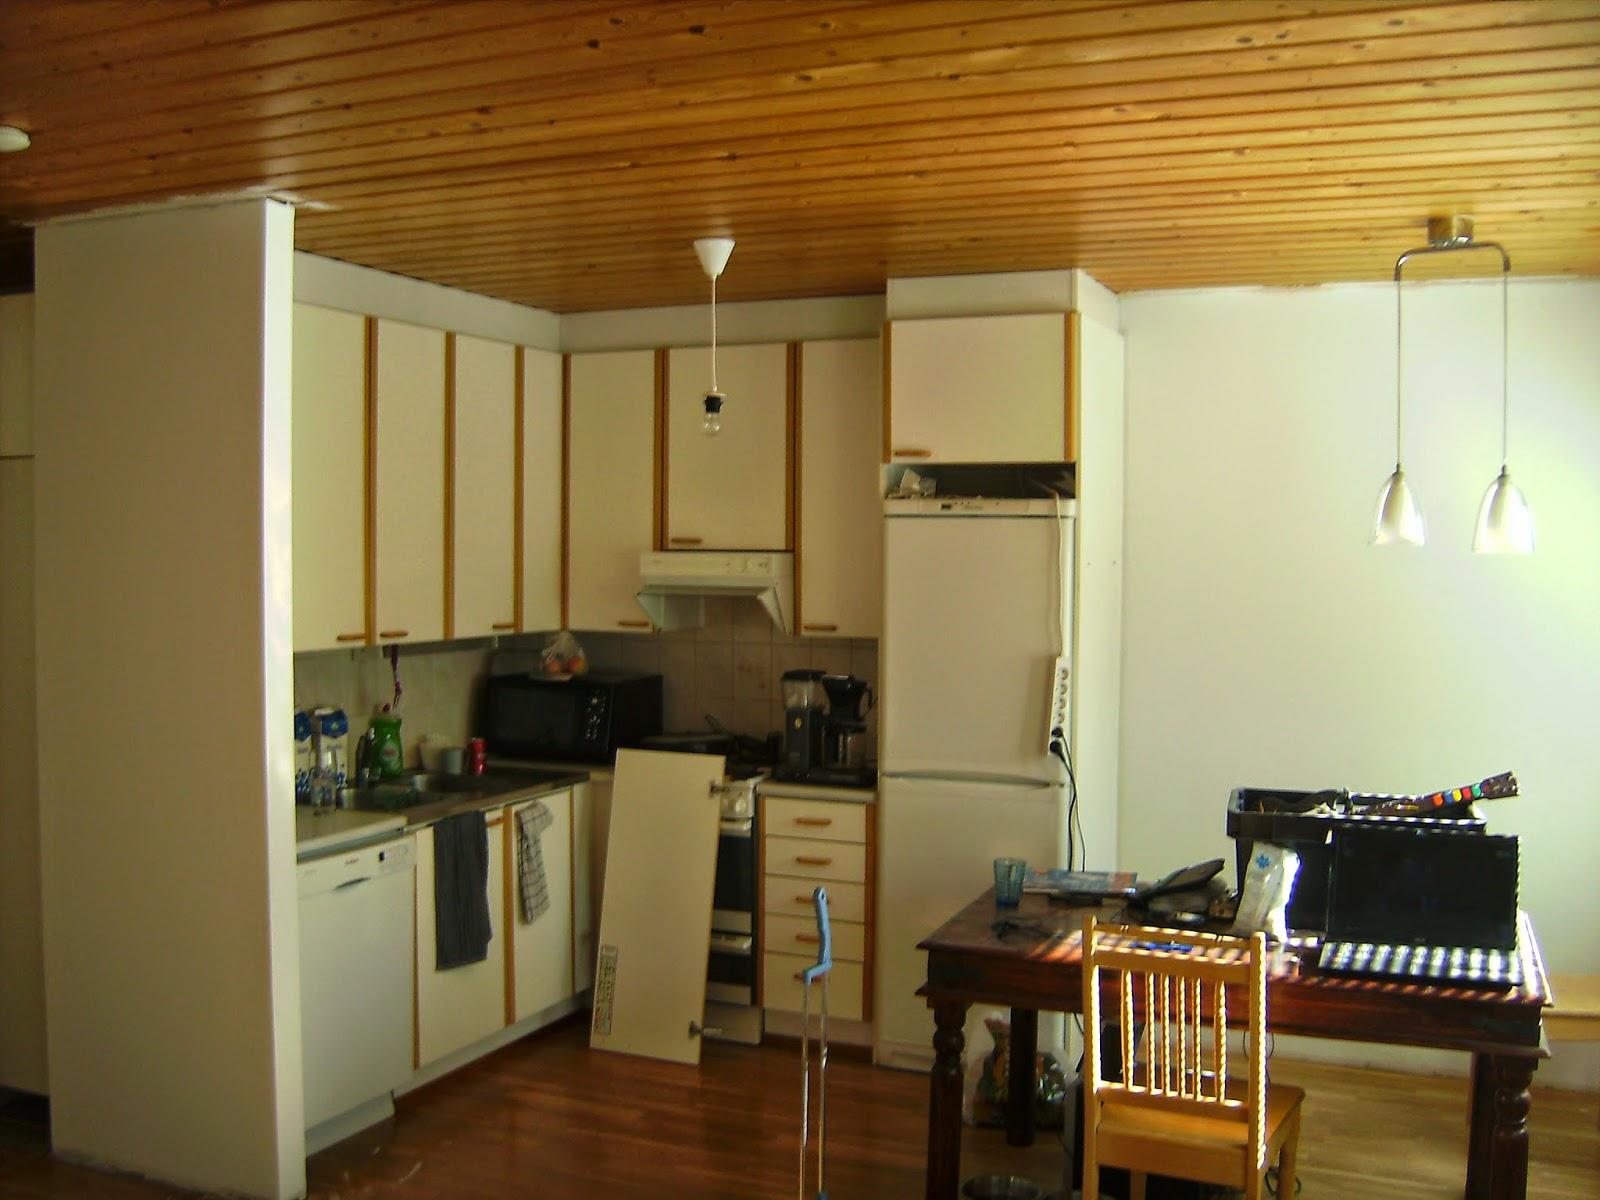 Vuorossa olohuoneen ja keittiön muuttumisleikki  Kulti